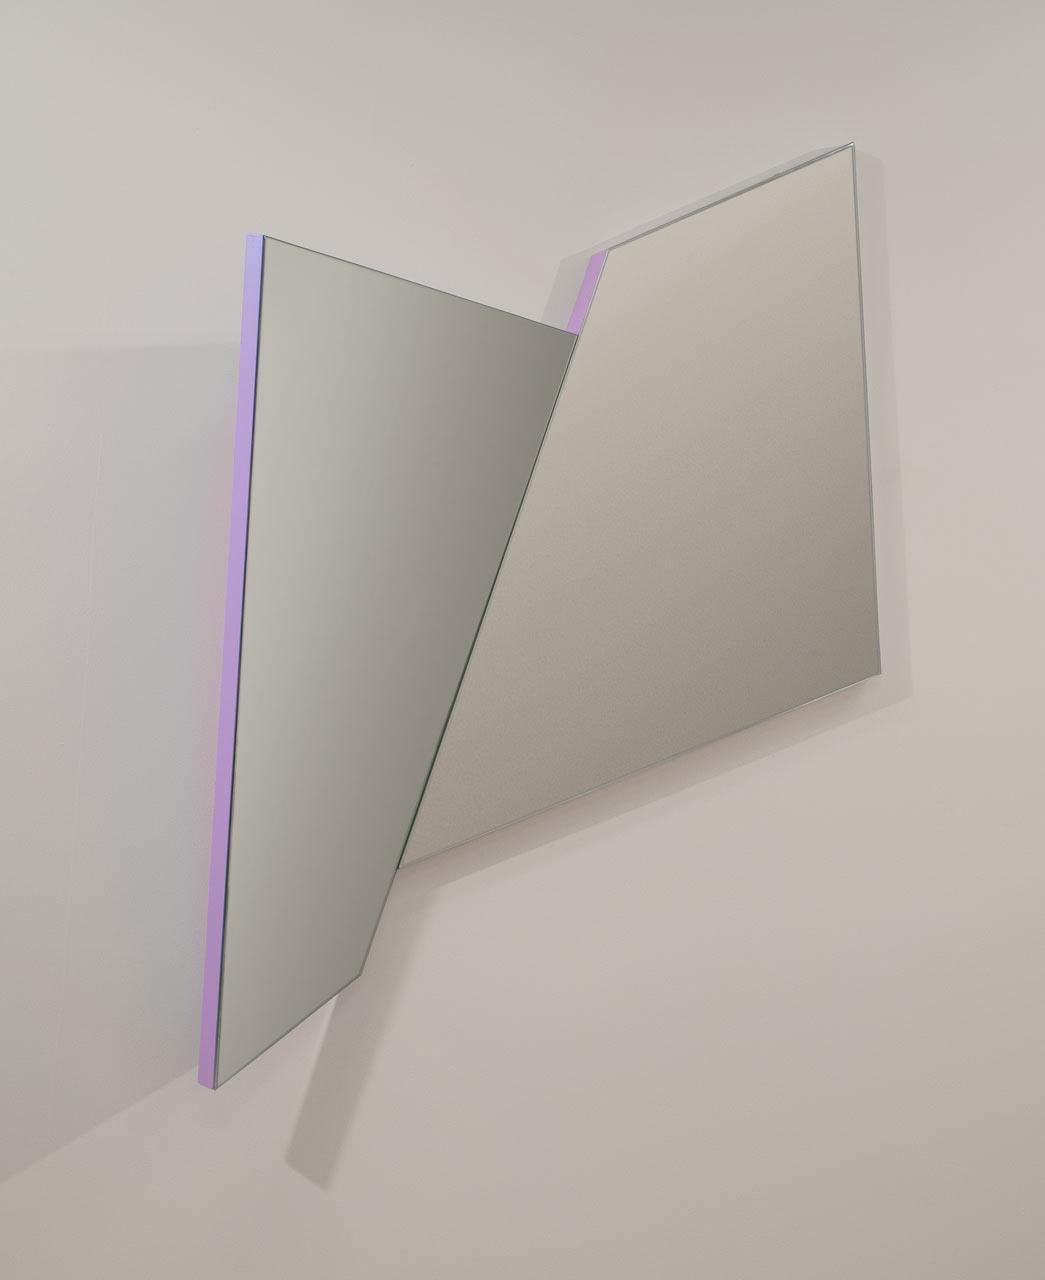 Stonefox-Architects-3D-Sculptural-Mirrors-hisheji (5)